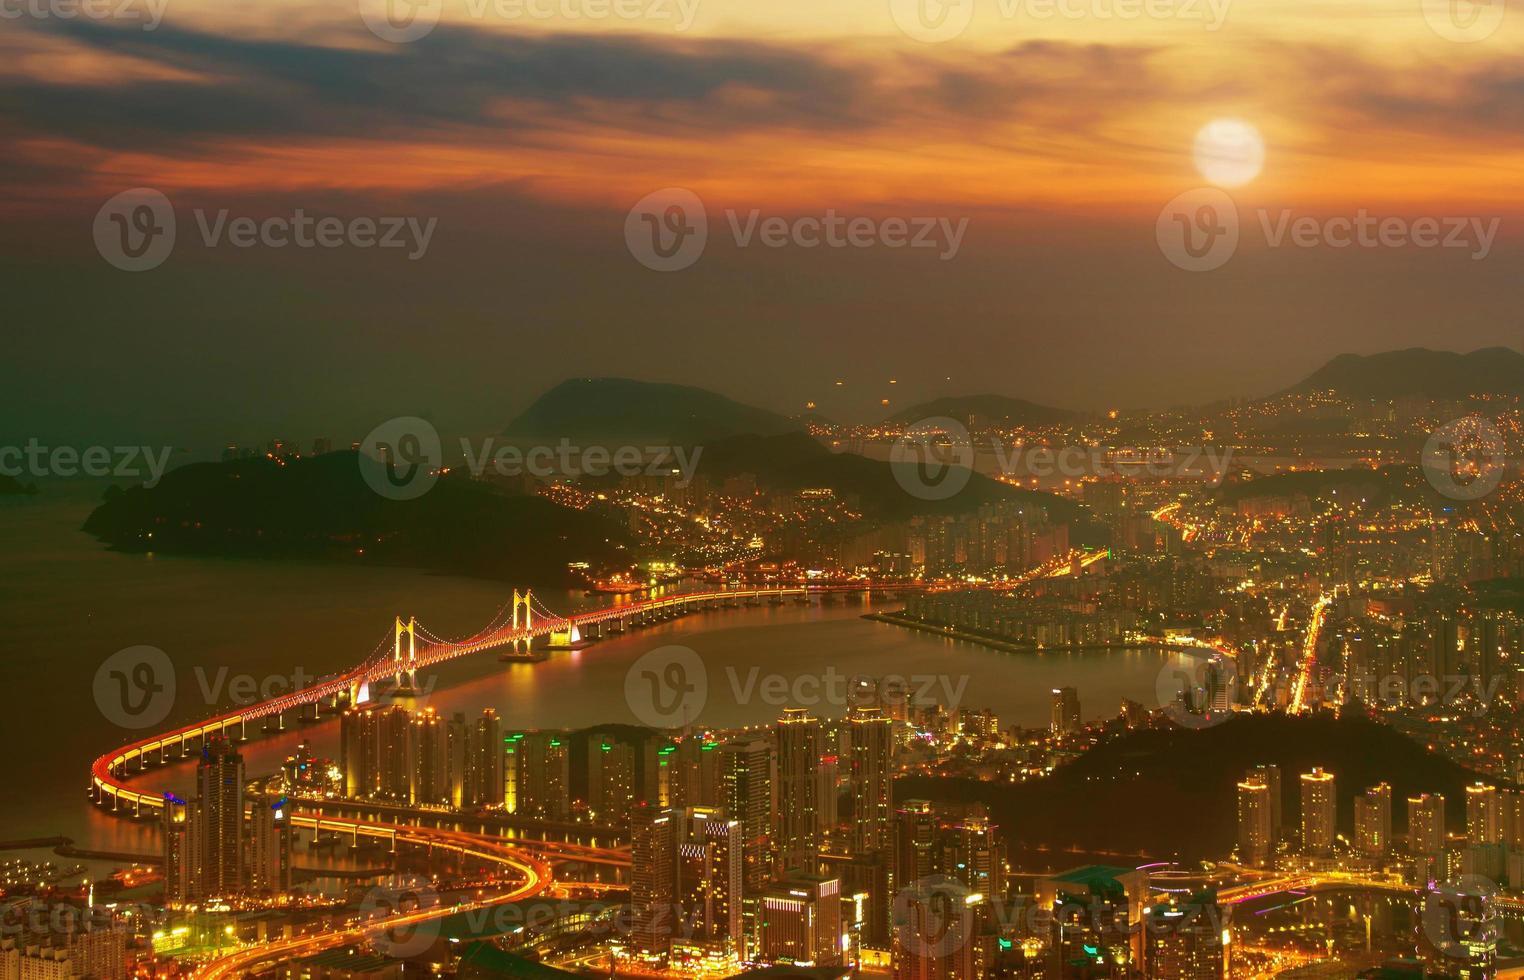 GwangAn Bridge and Haeundae in Busan, photo